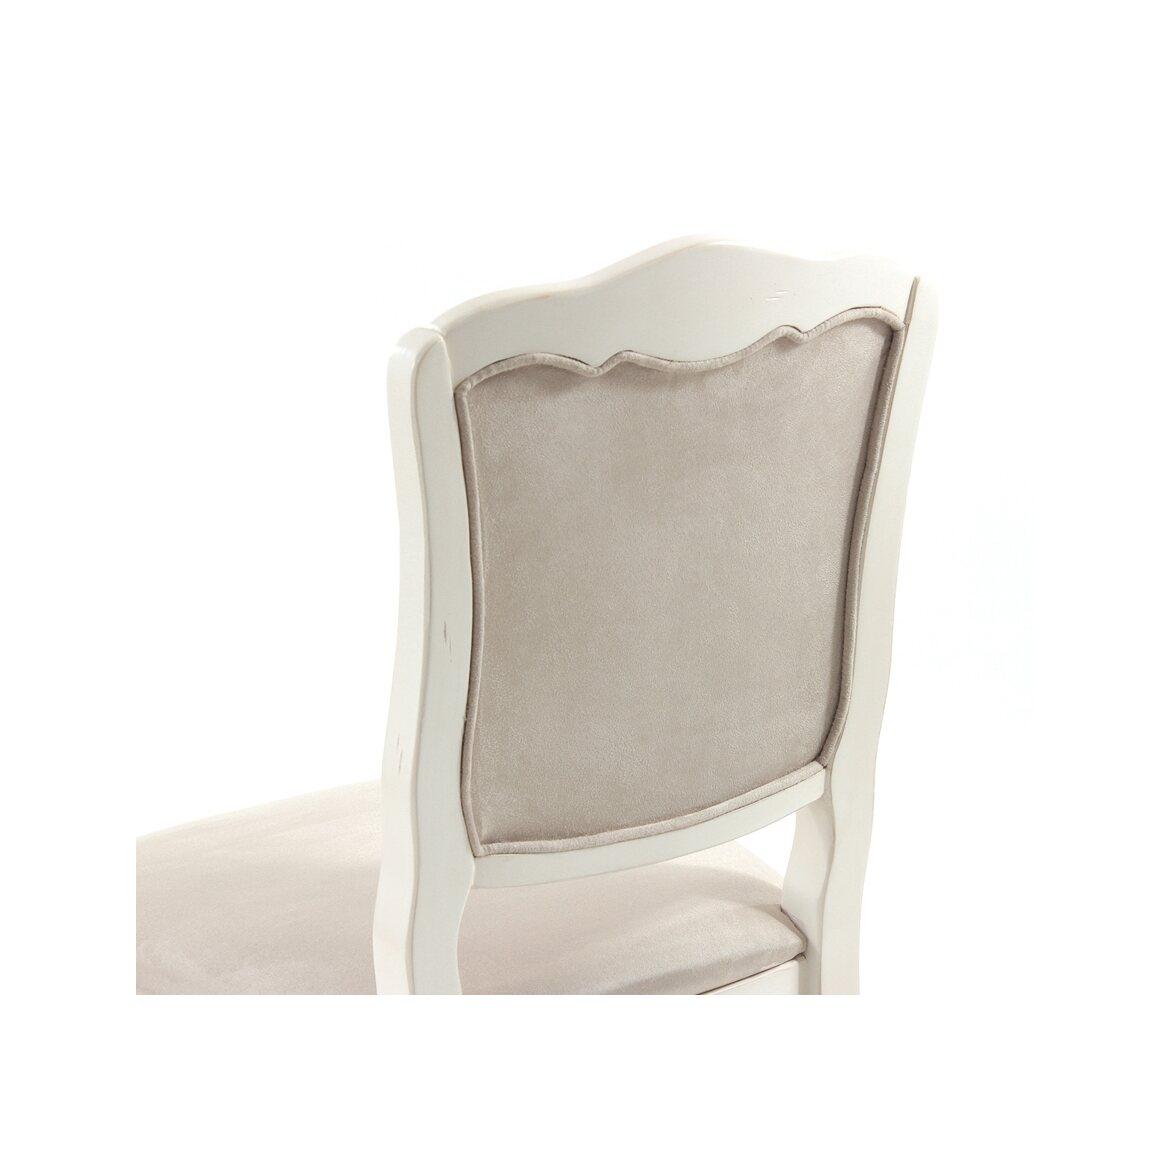 Стул с мягким сиденьем Leontina, бежевого цвета 7 | Обеденные стулья Kingsby